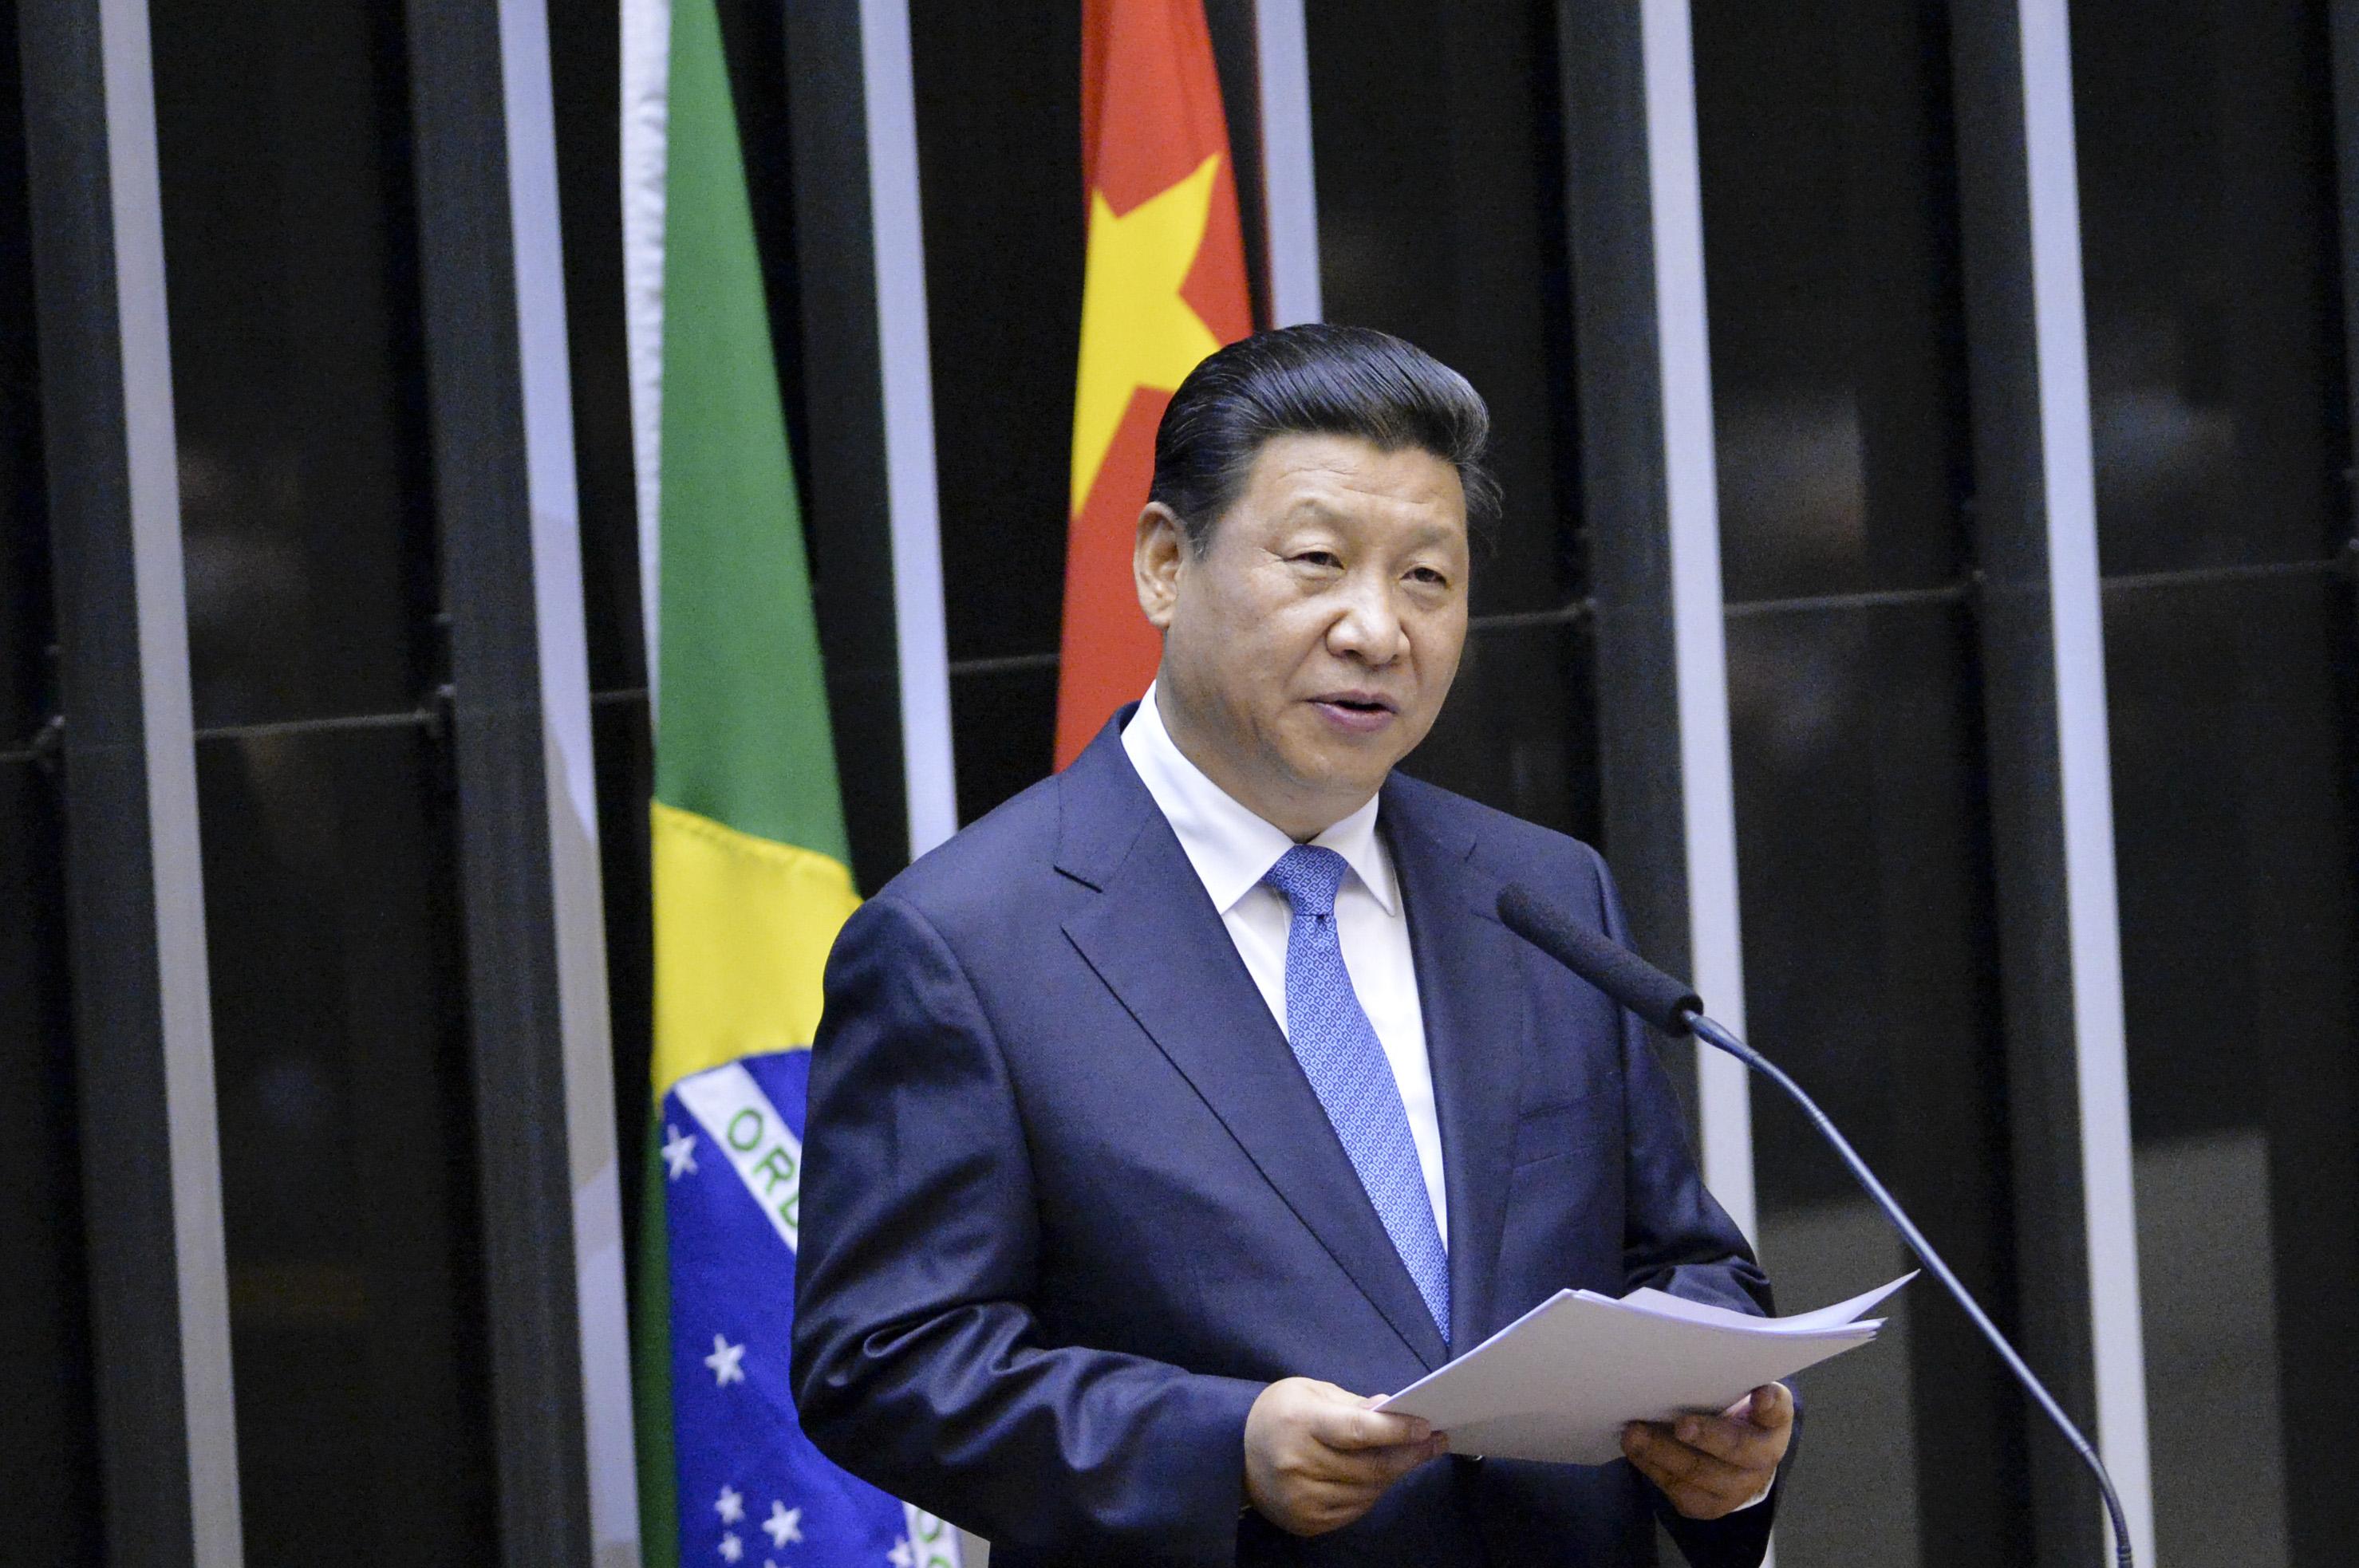 """Čínský prezident Si Ťin-pching pravděpodobně doufá, že vojenskou přehlídkou odvede pozornost světa od """"katastrofického měsíce srpna"""", ve kterém šlo především o problémy jeho země"""